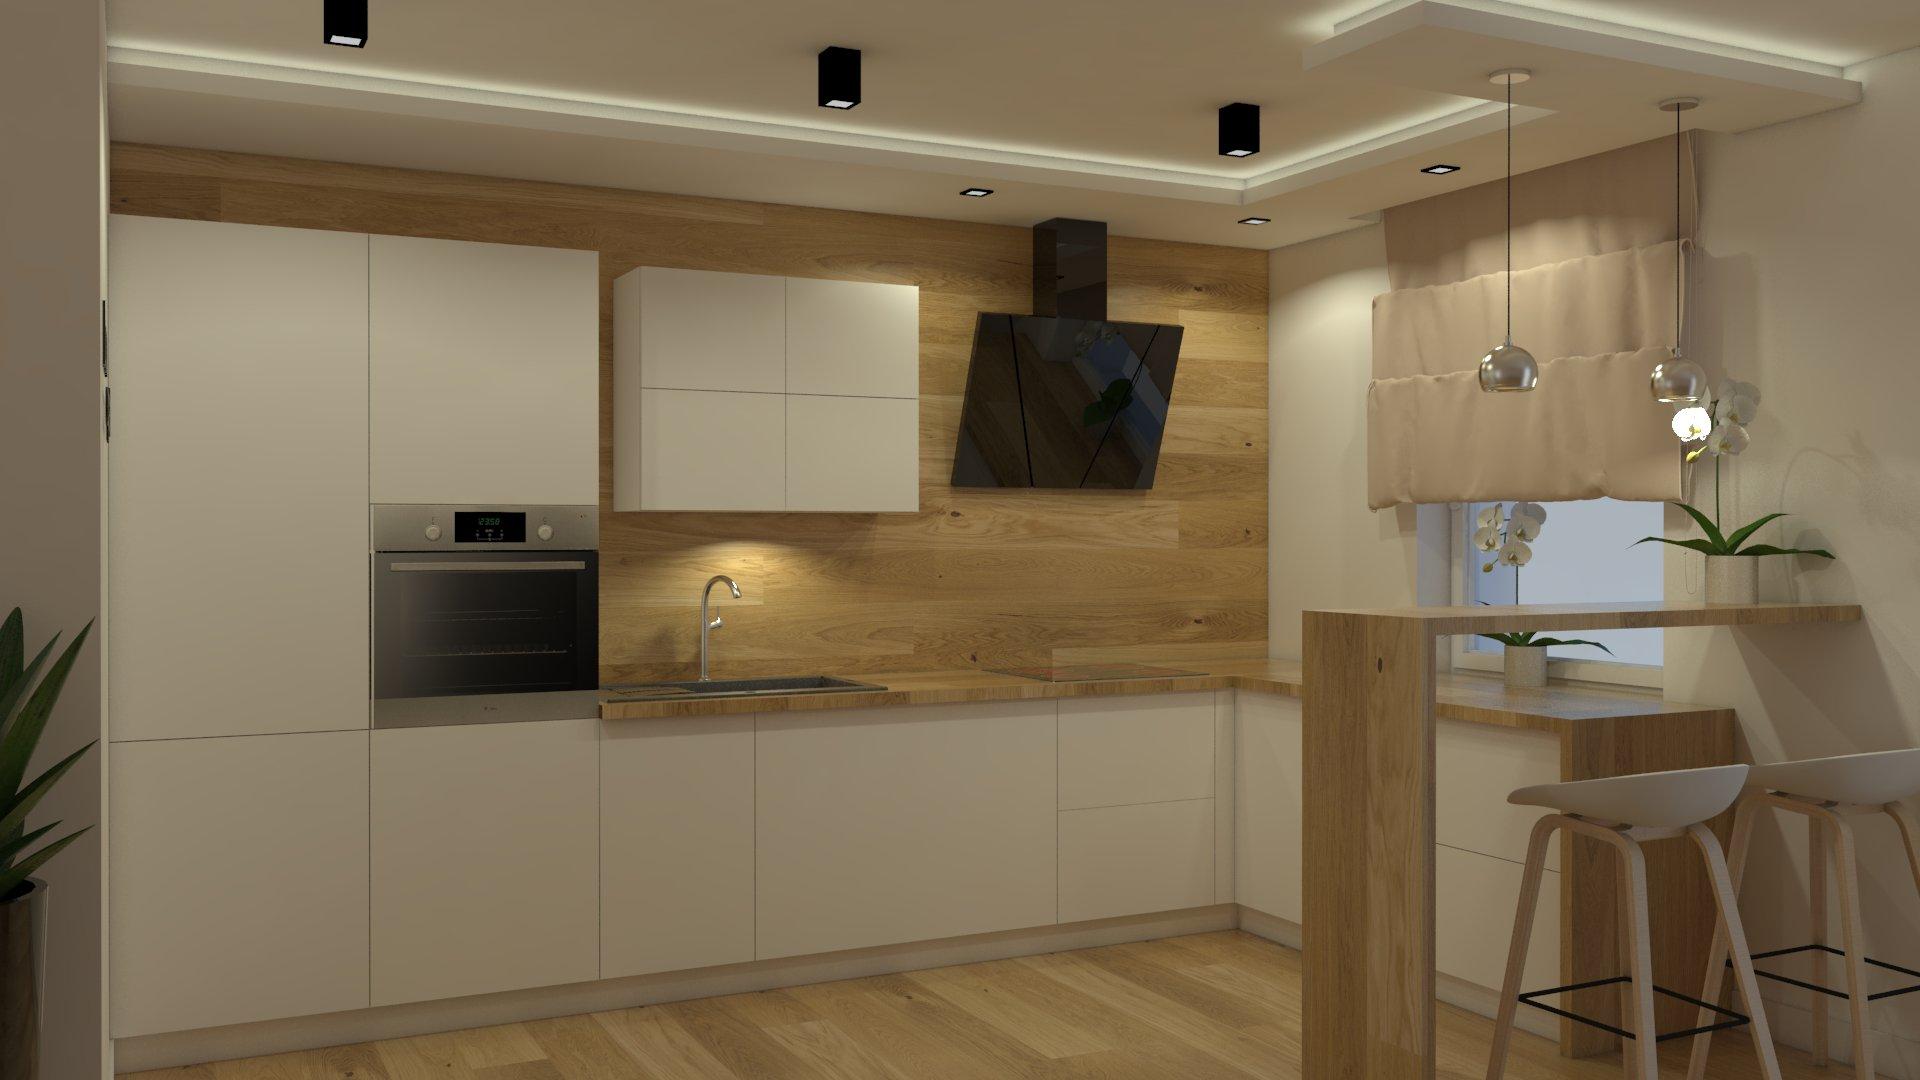 Projekt kuchni wykonany przez studio novoART zajmującego się projektowaniem i montażem kuchni na wymiar